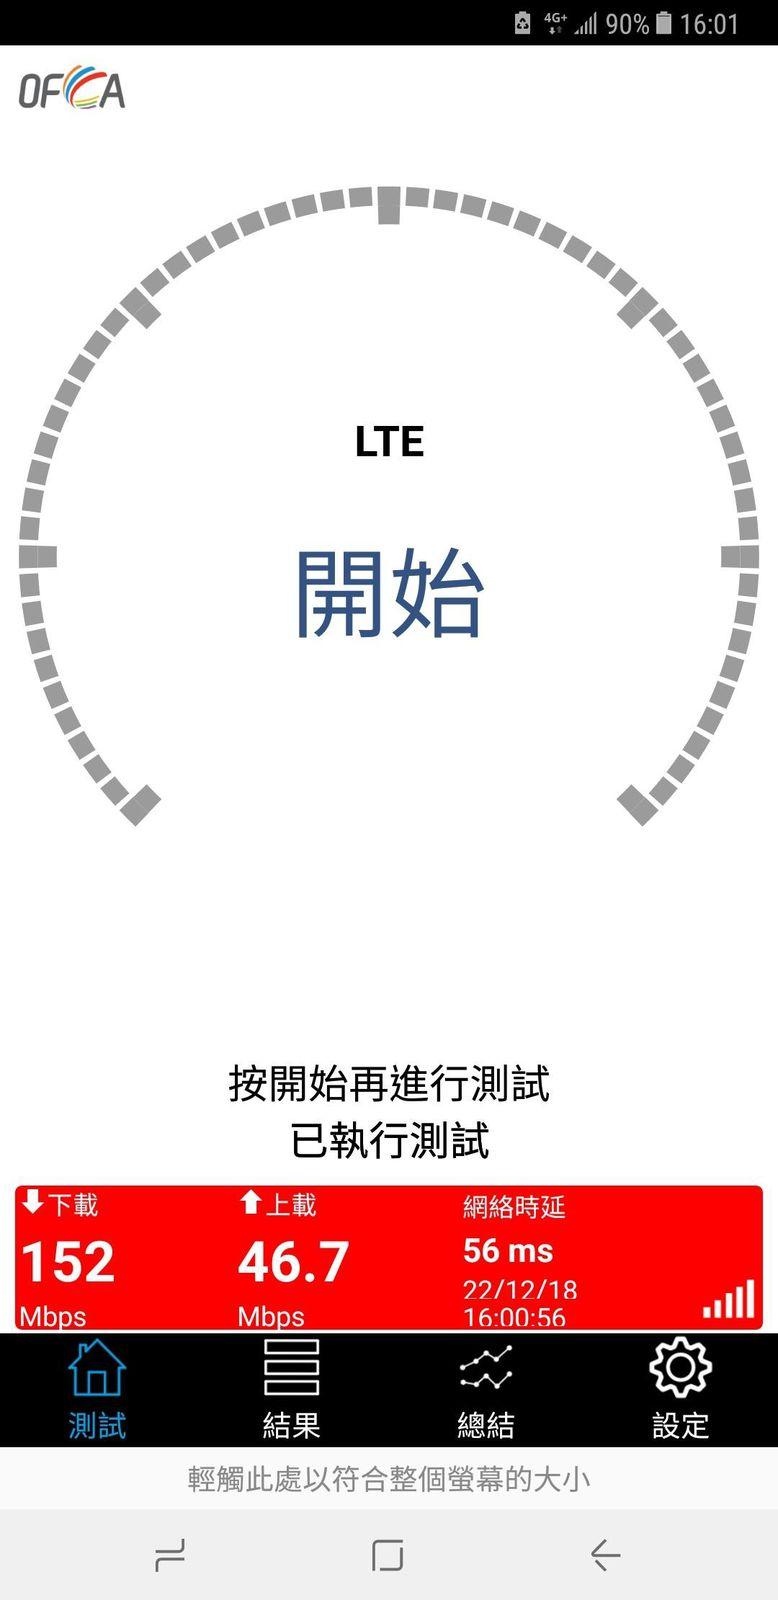 中環站1號月台OFCA速度 (1).jpg